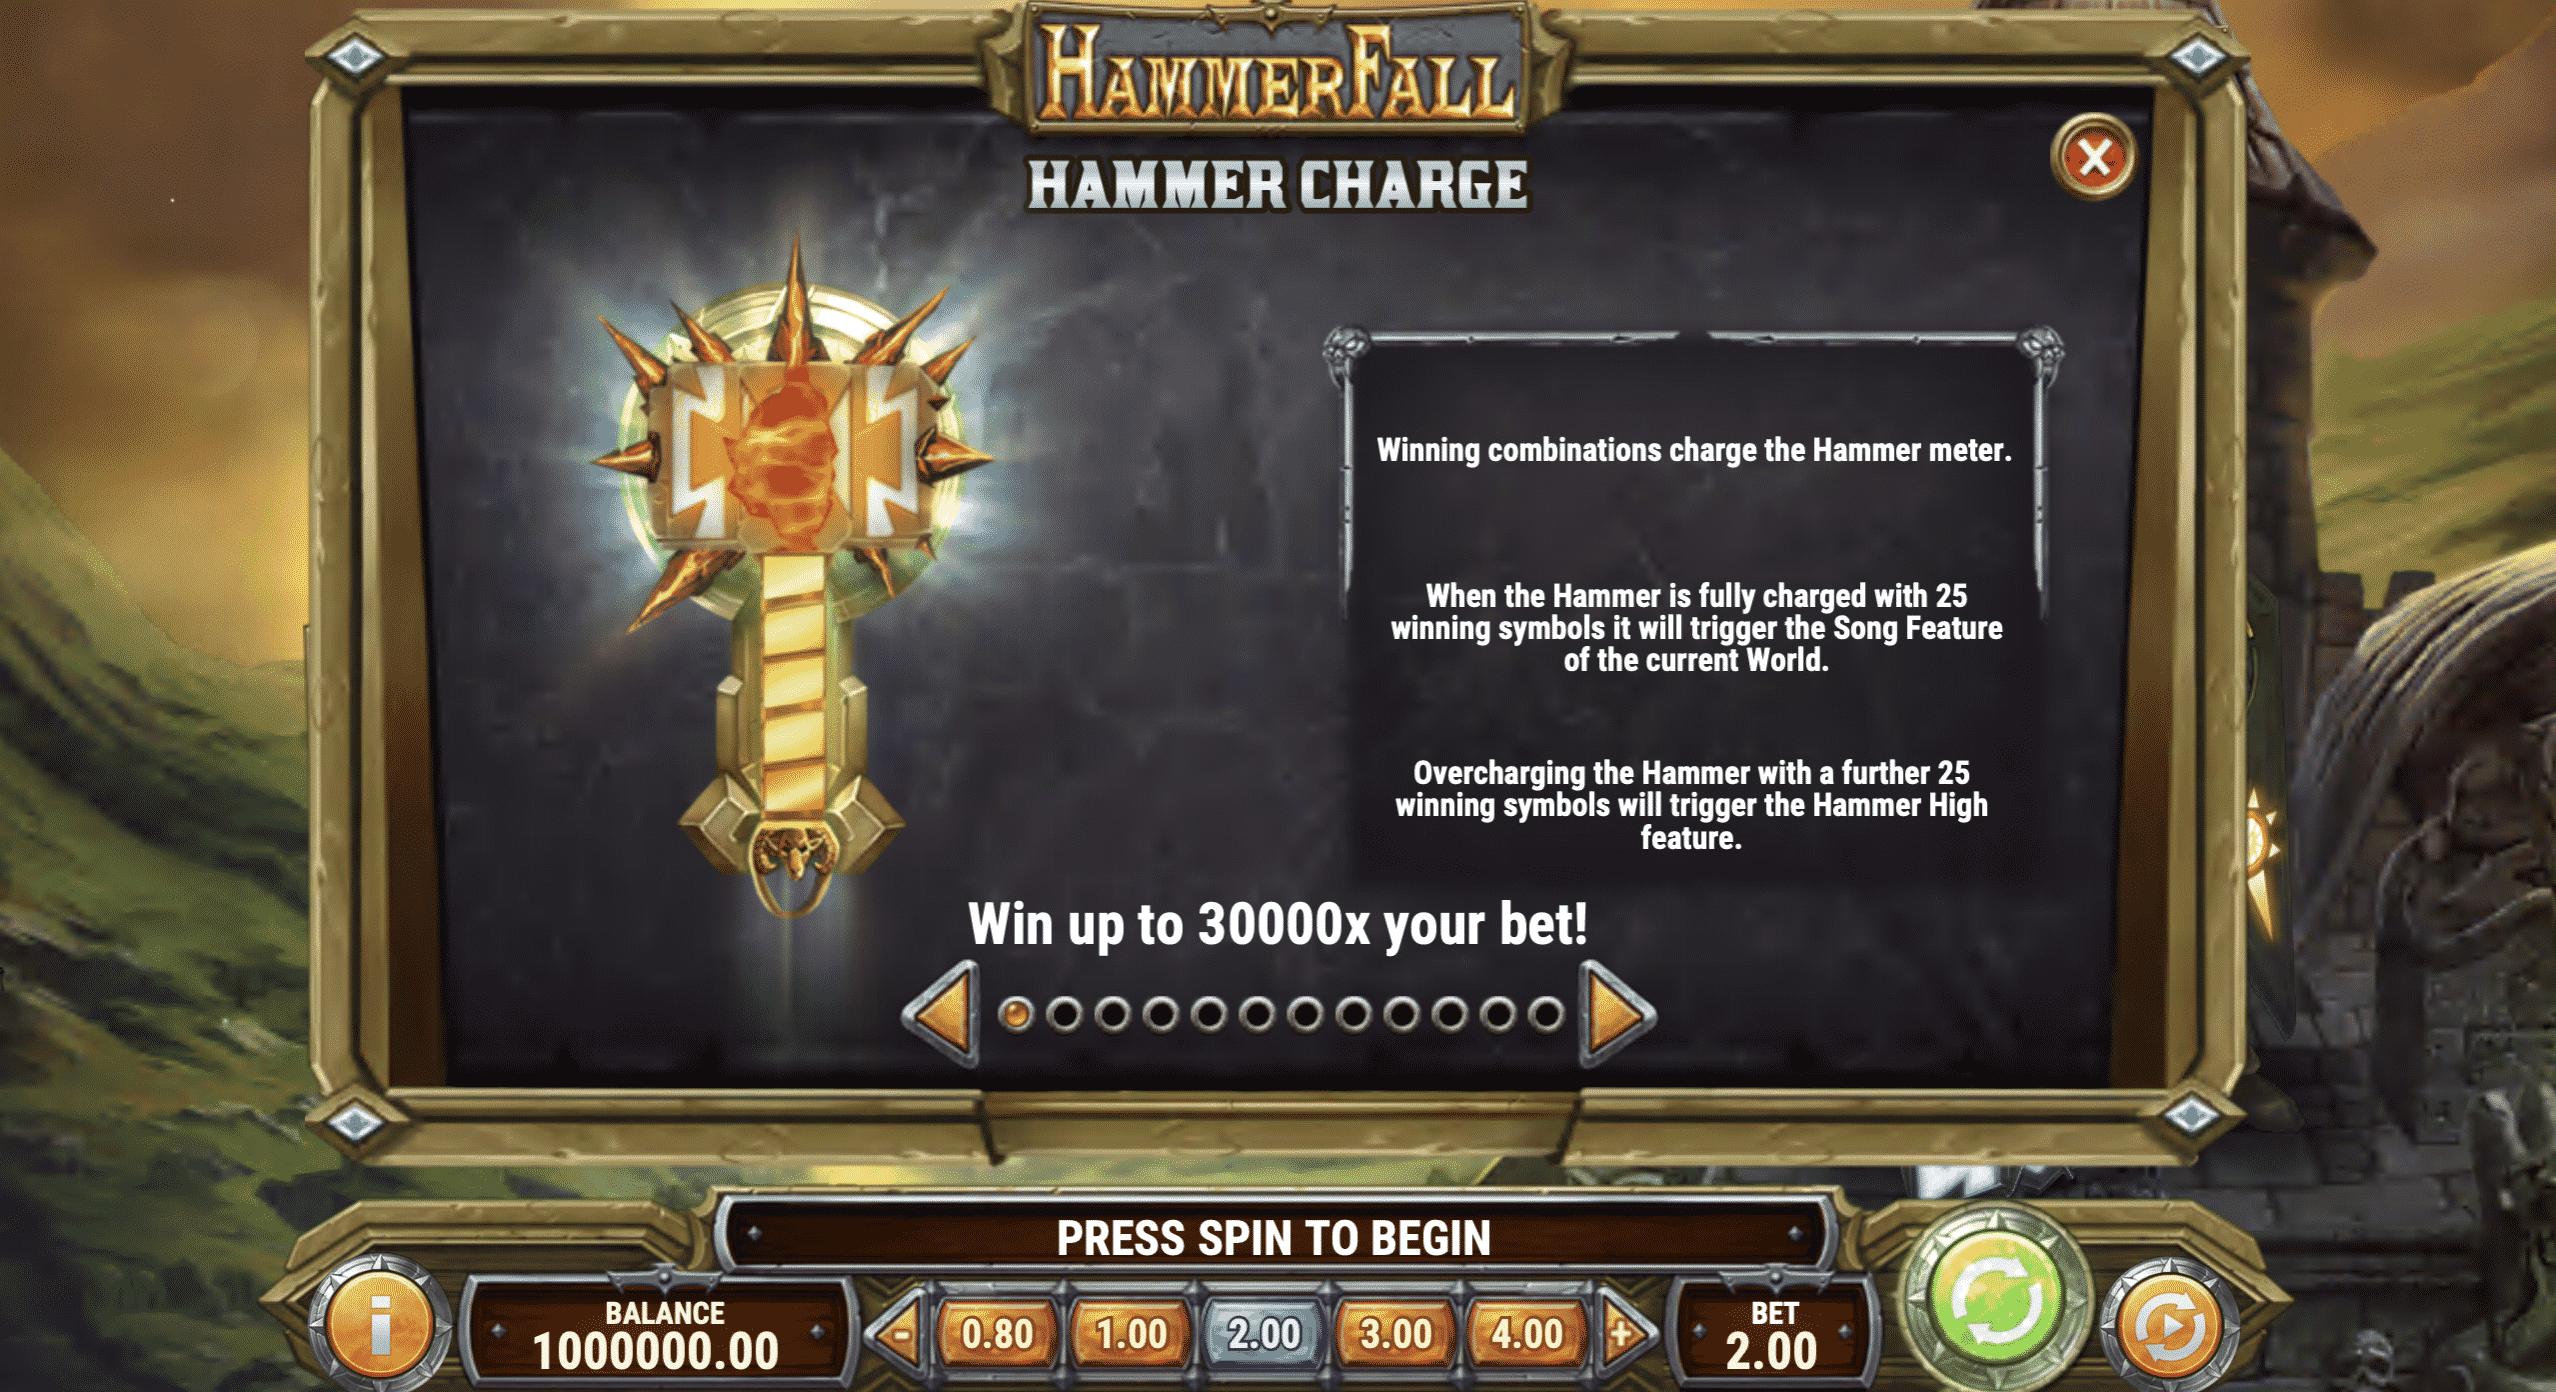 HammerFall Hammer Charge